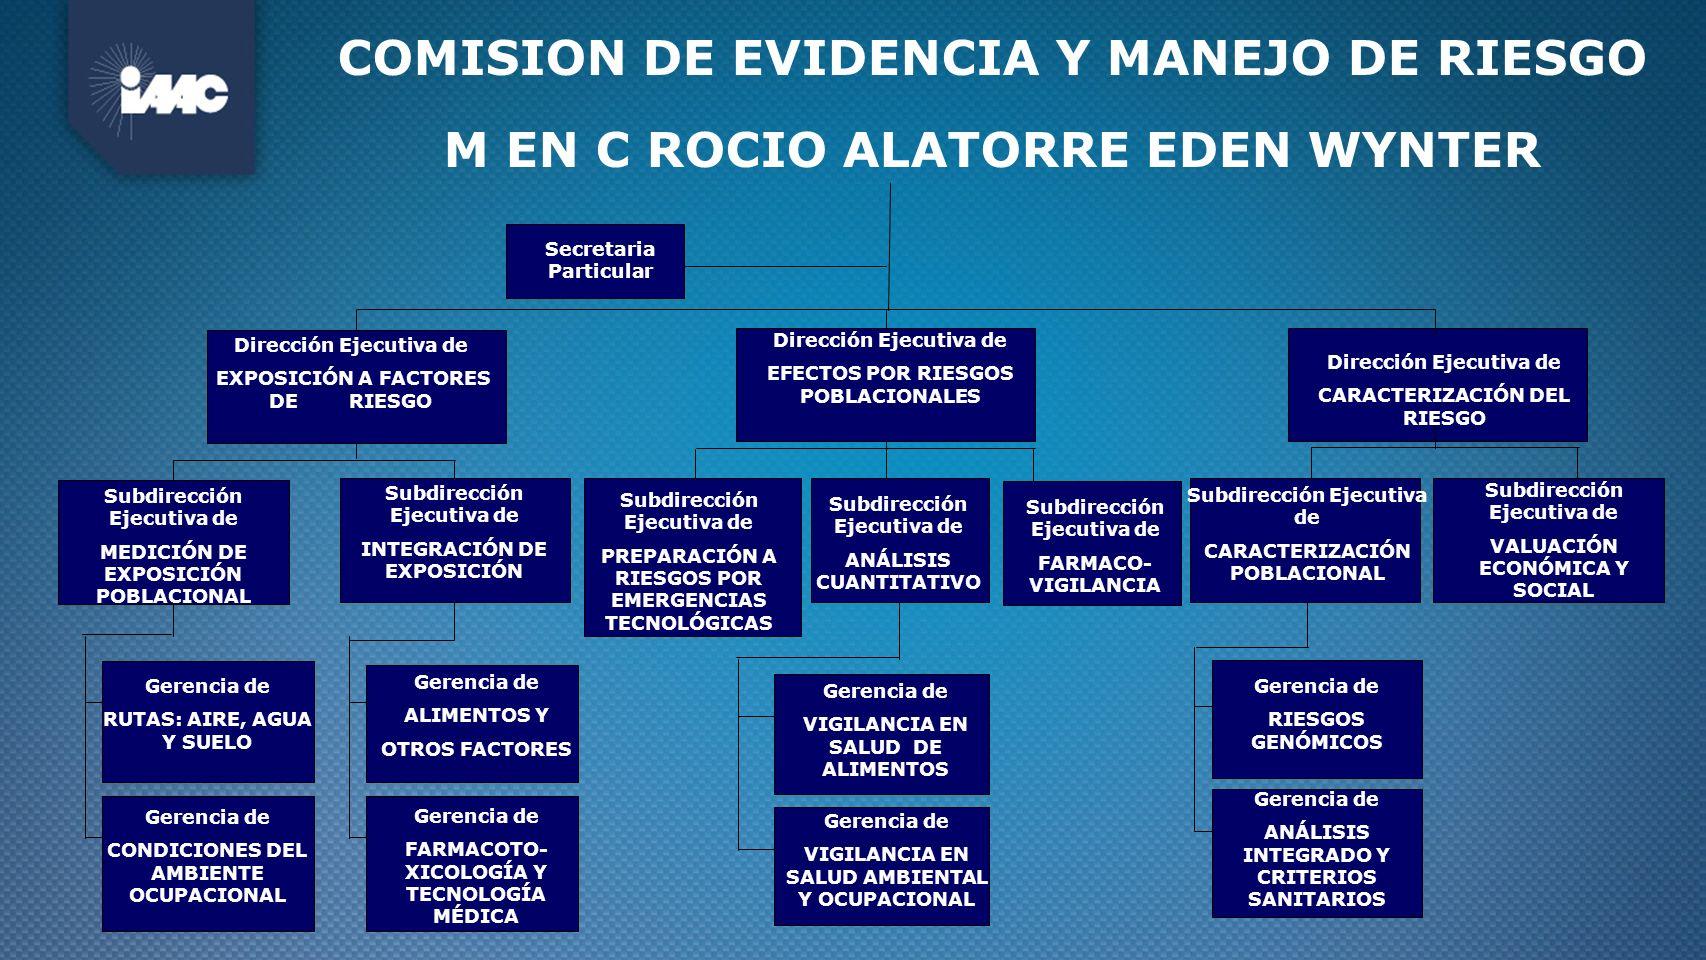 COMISION DE FOMENTO SANITARIO LIC. JULIO SANCHEZ Y TEPOZ